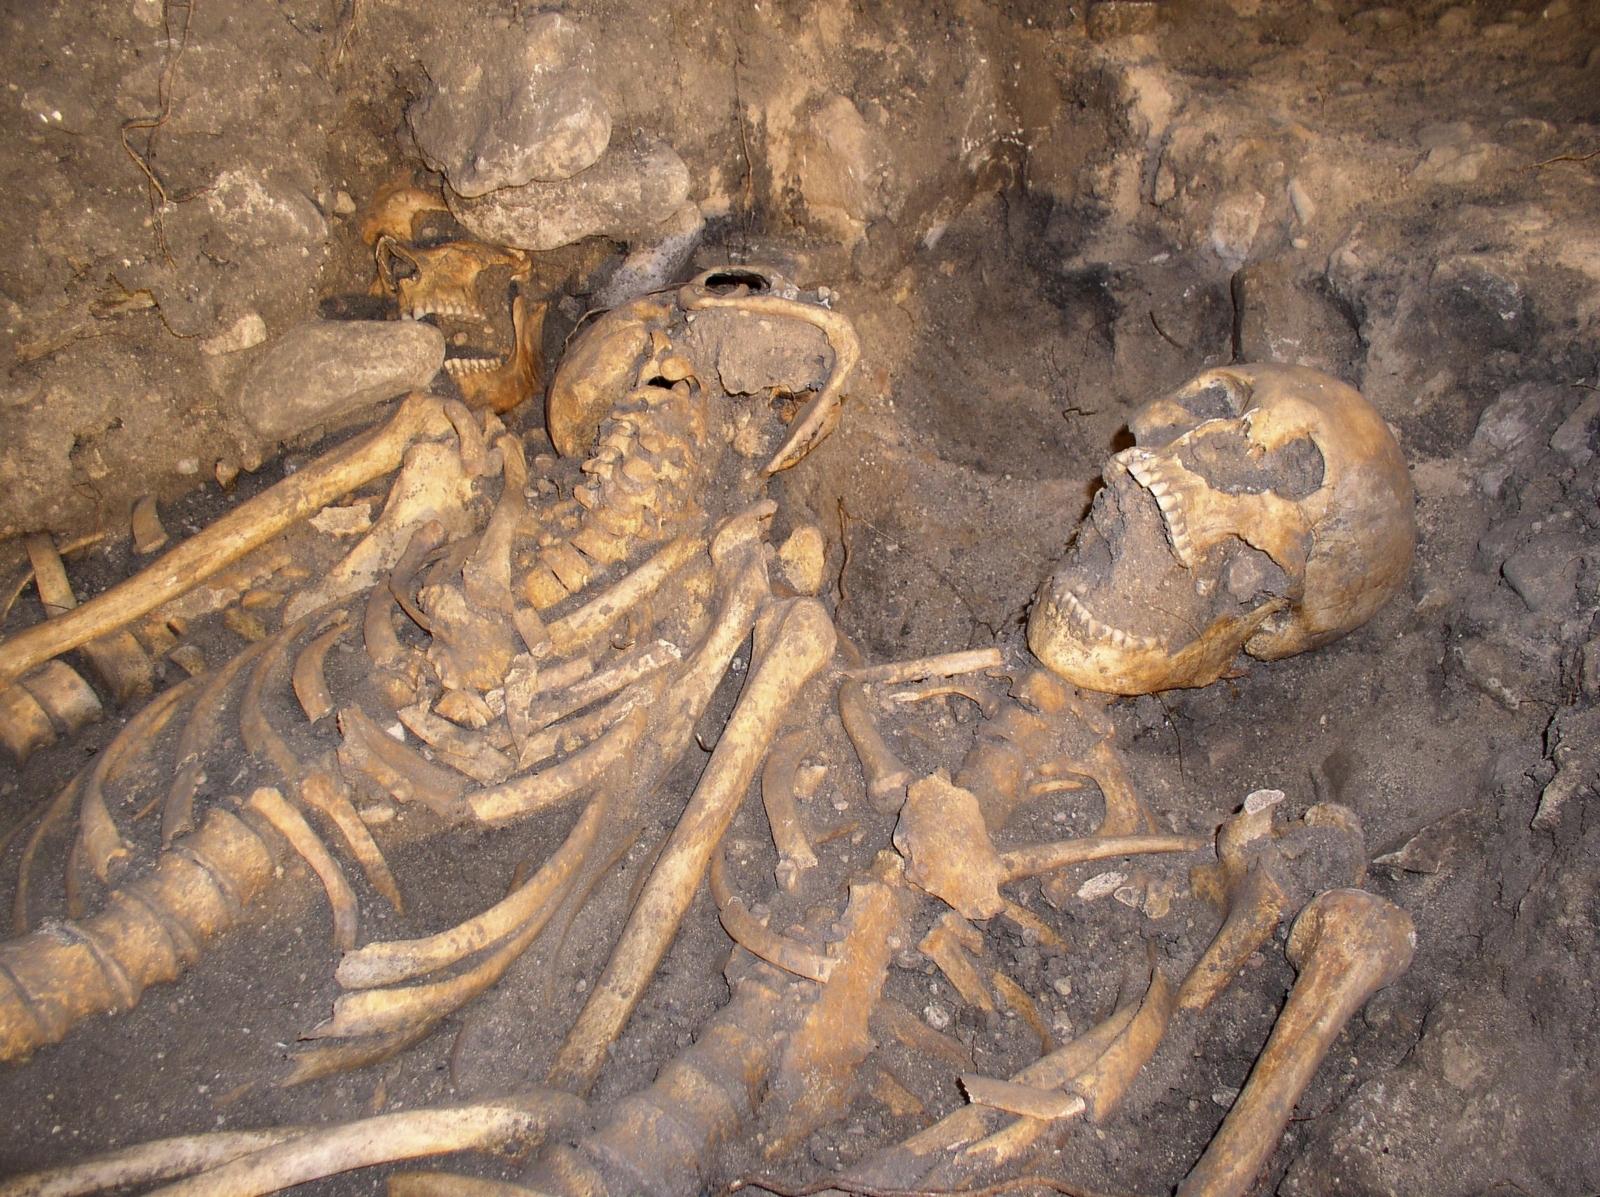 Battle of Towton skeleton